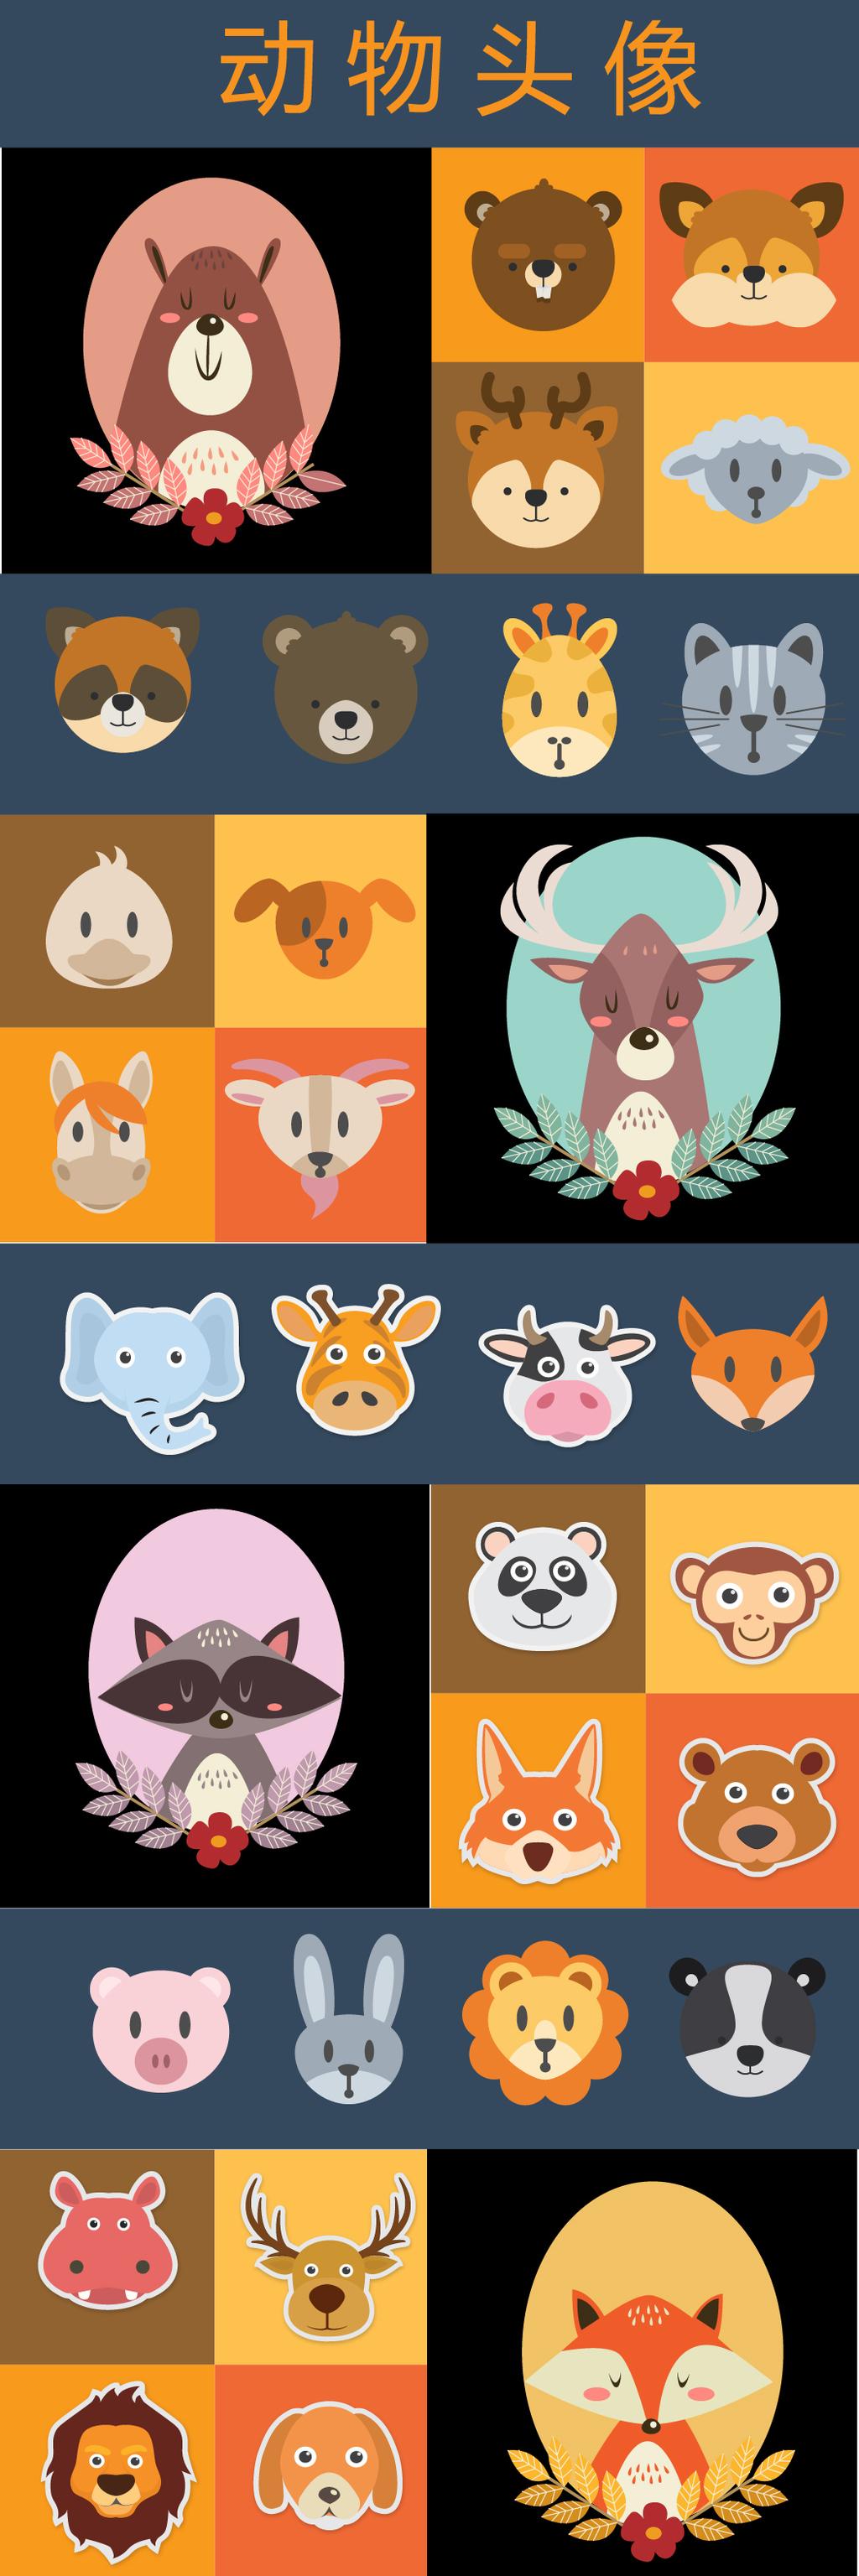 可爱小动物卡通头部图案